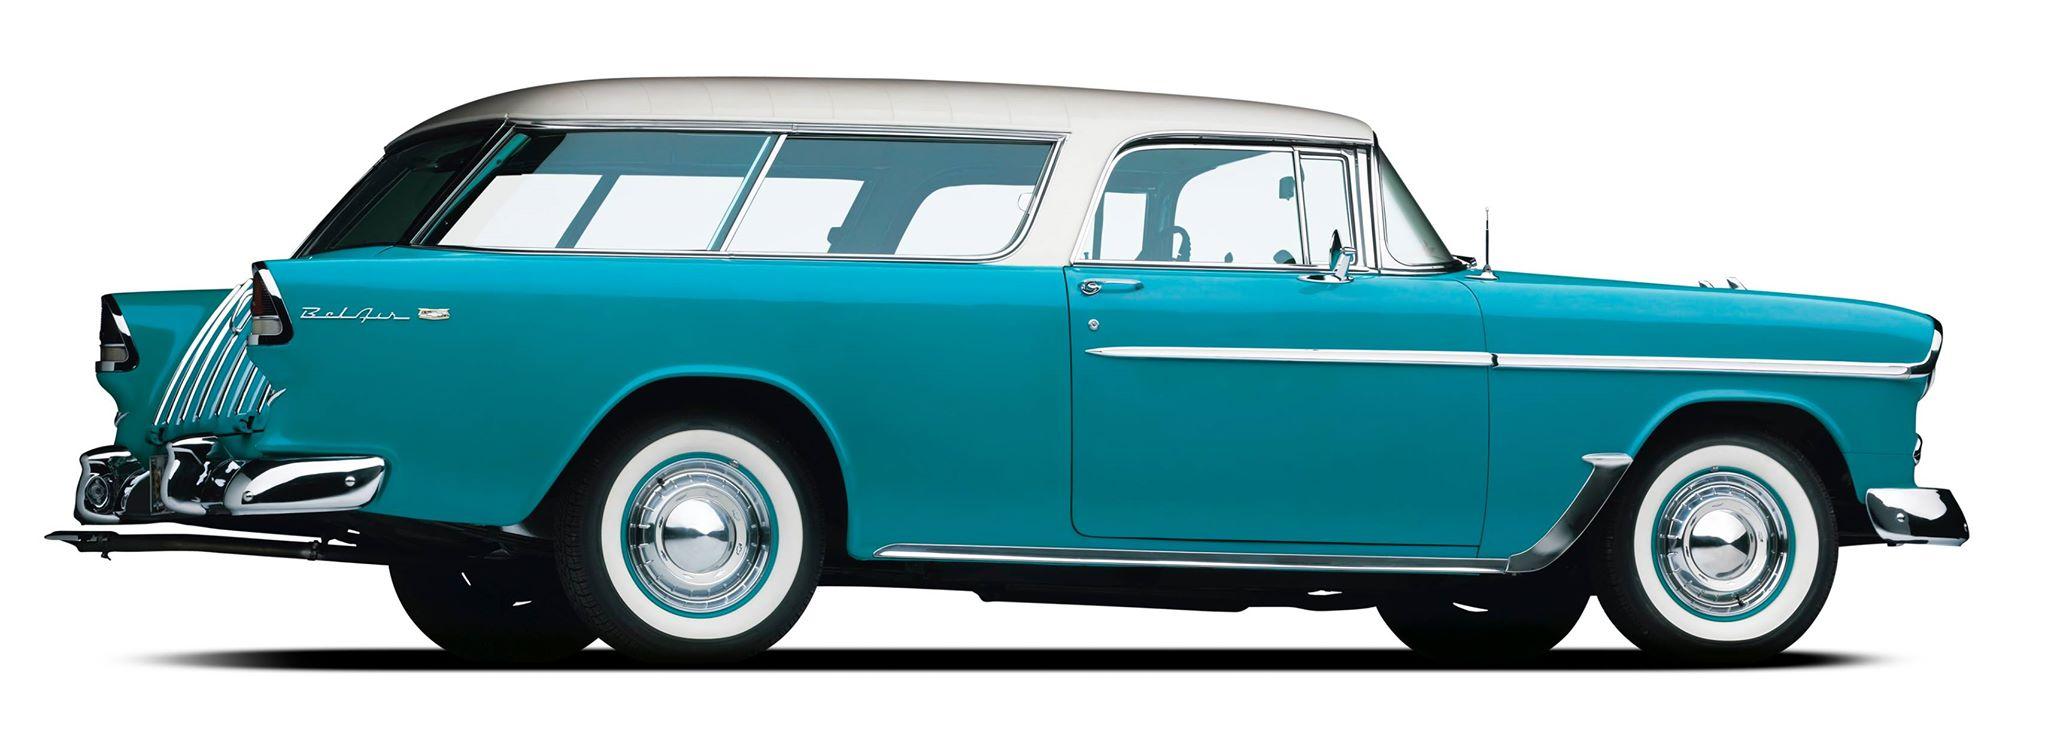 50s_car.jpg